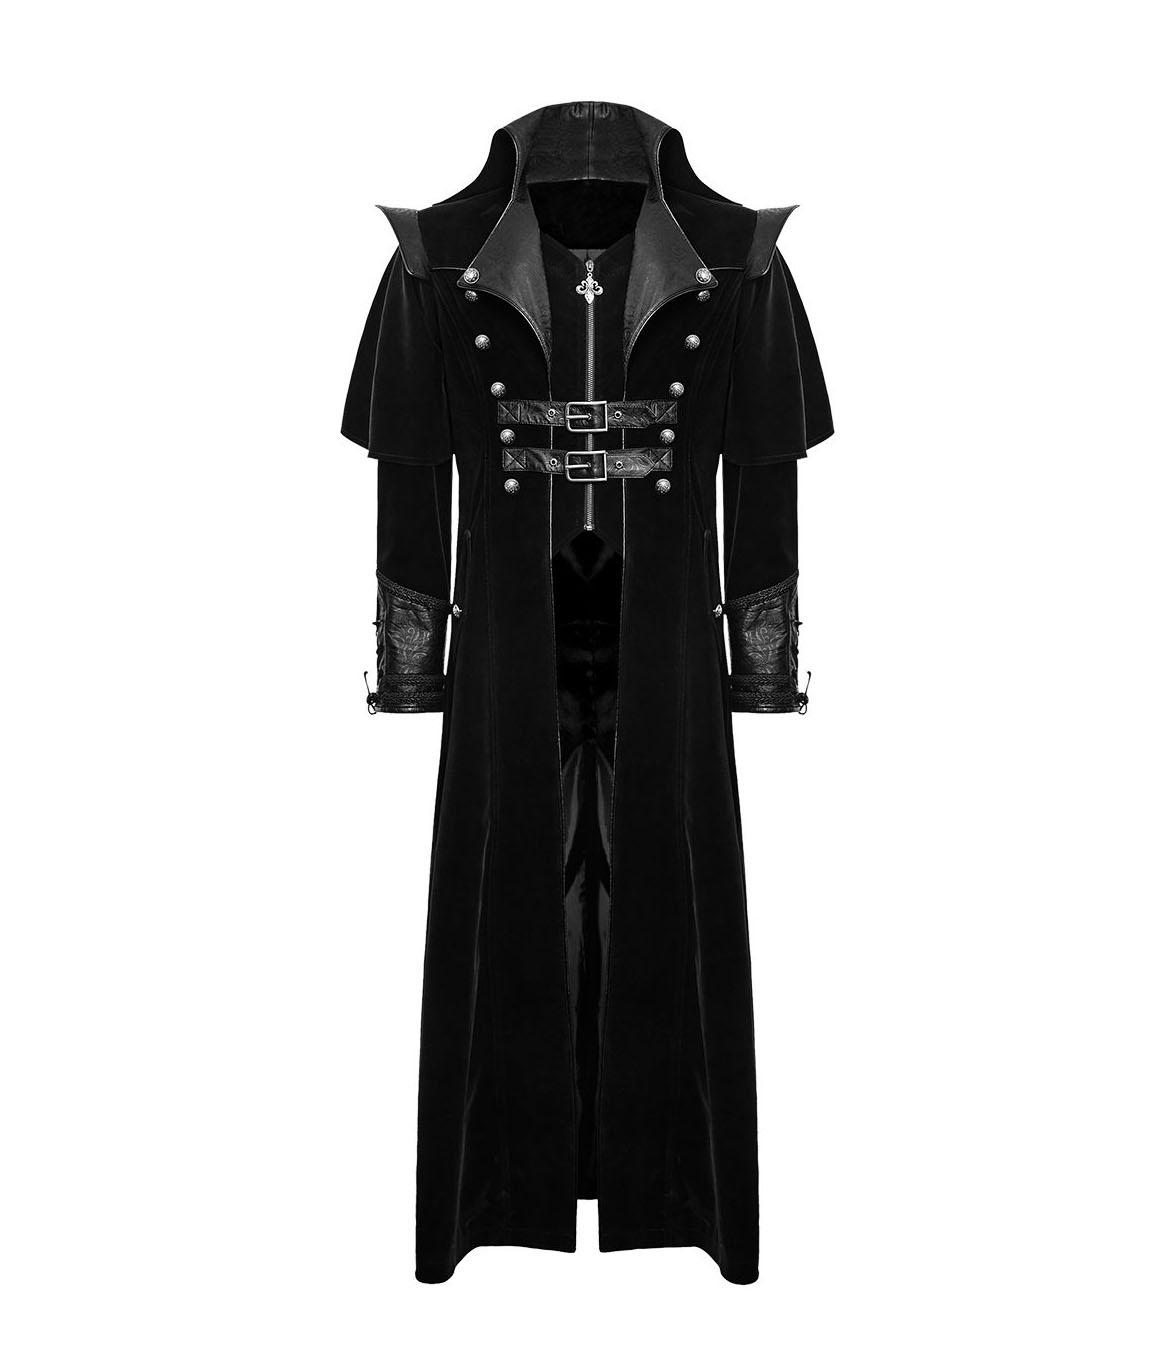 rebelsmarket_punk_rave_mens_gothic_steampunk_coat_vtg_regency_highwayman_long_jacket__coats_4.jpg